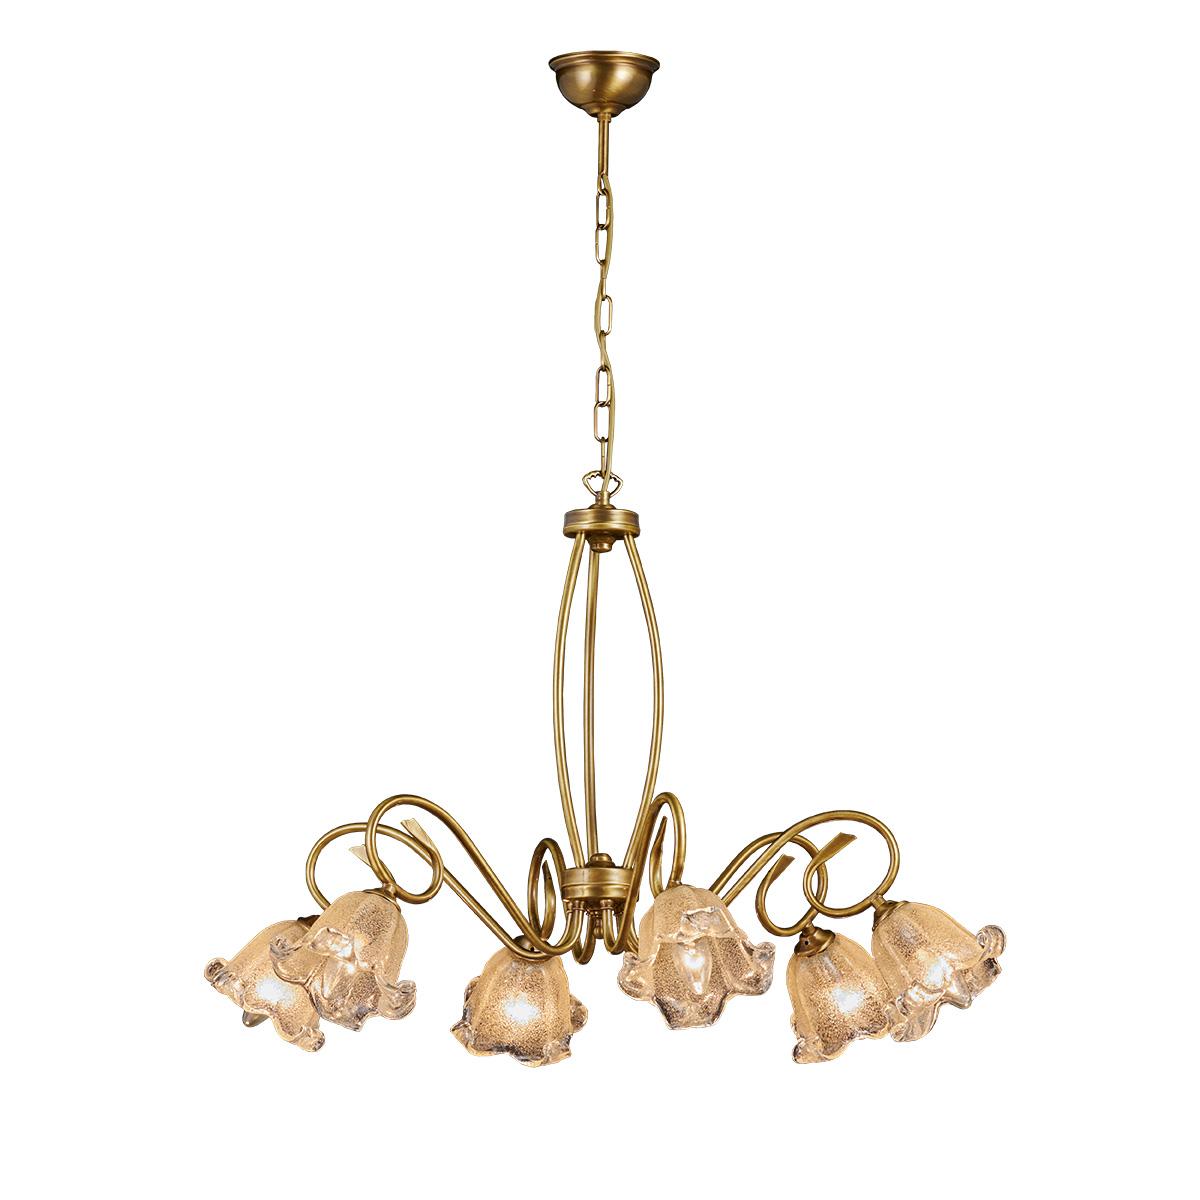 Κλασικό μπρούτζινο πολύφωτο ΒΙΚΟΣ classic 6-bulb chandelier